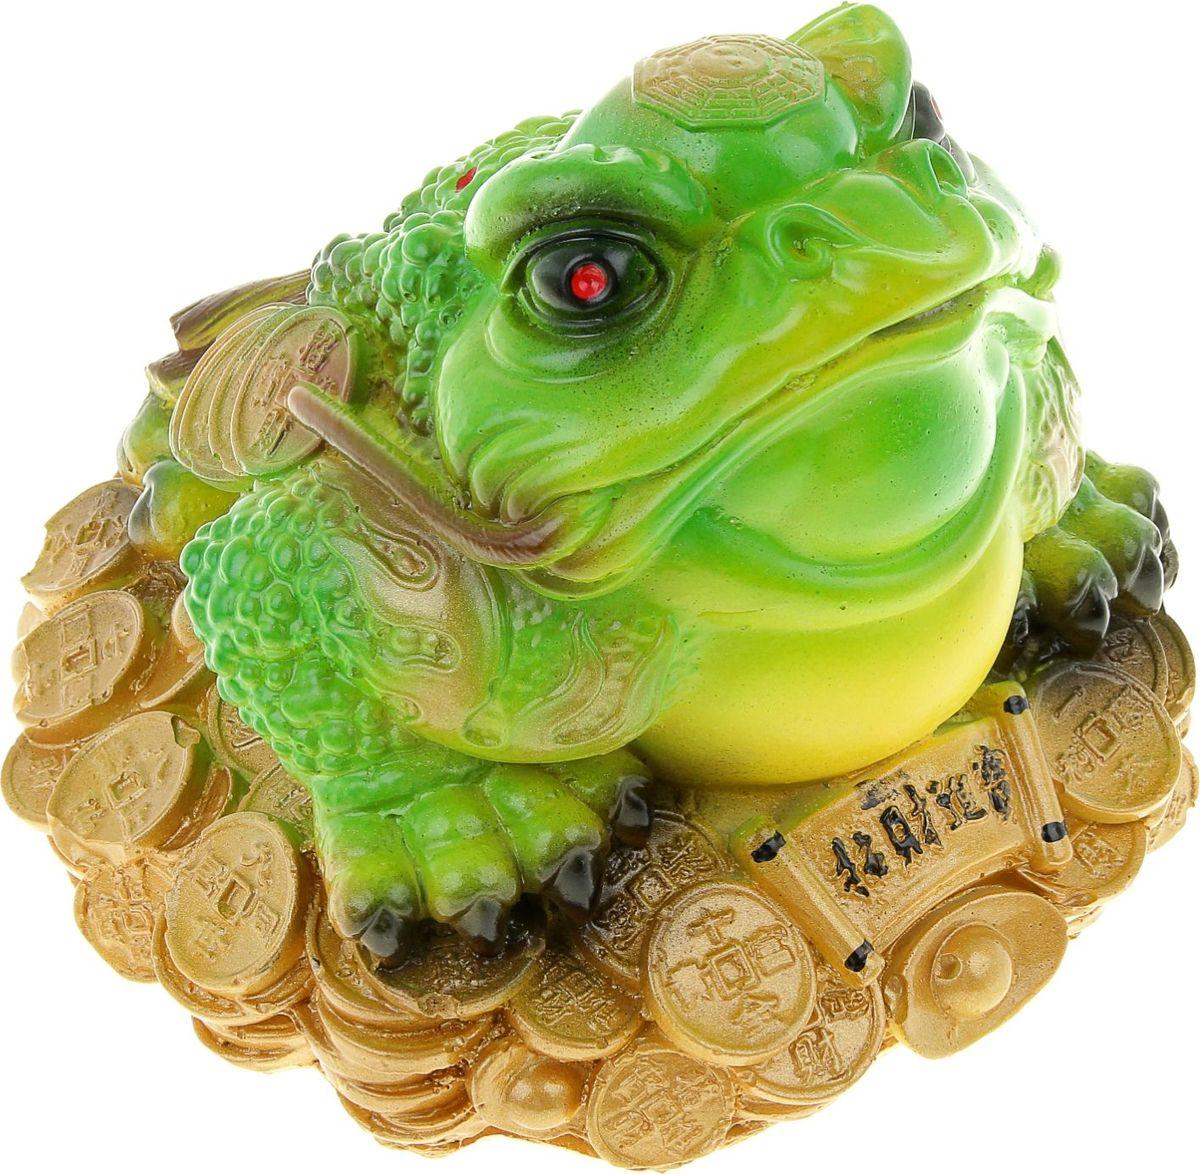 Копилка Жаба на монетах, 20 х 15 х 20 см837773Копилка — универсальный вариант подарка любому человеку, ведь каждый из нас мечтает о какой-то дорогостоящей вещи и откладывает или собирается откладывать деньги на её приобретение. Вместительная копилка станет прекрасным хранителем сбережений и украшением интерьера. Она выглядит так ярко и эффектно, что проходя мимо, обязательно захочется забросить пару монет.Обращаем ваше внимание, что копилка является одноразовой.